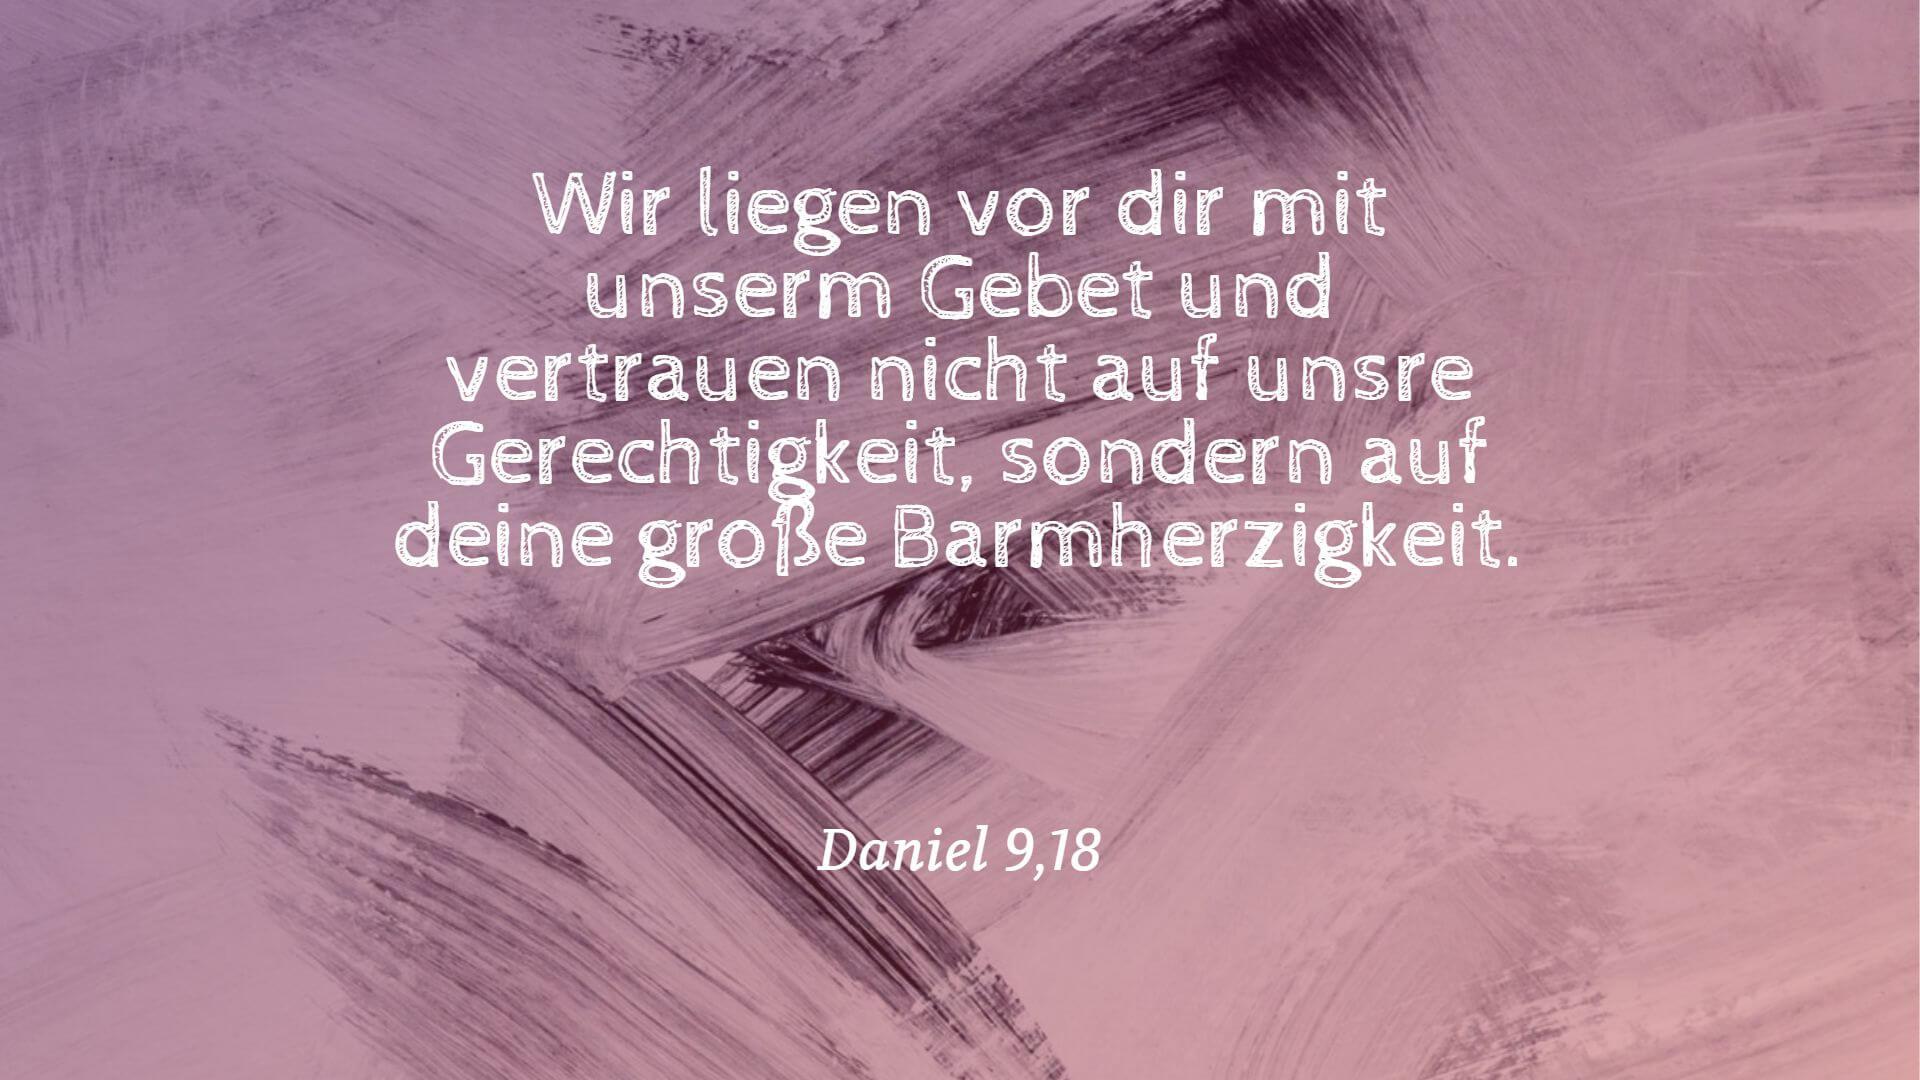 Wir liegen vor dir mit unserm Gebet und vertrauen nicht auf unsre Gerechtigkeit, sondern auf deine große Barmherzigkeit. - Daniel 9,18